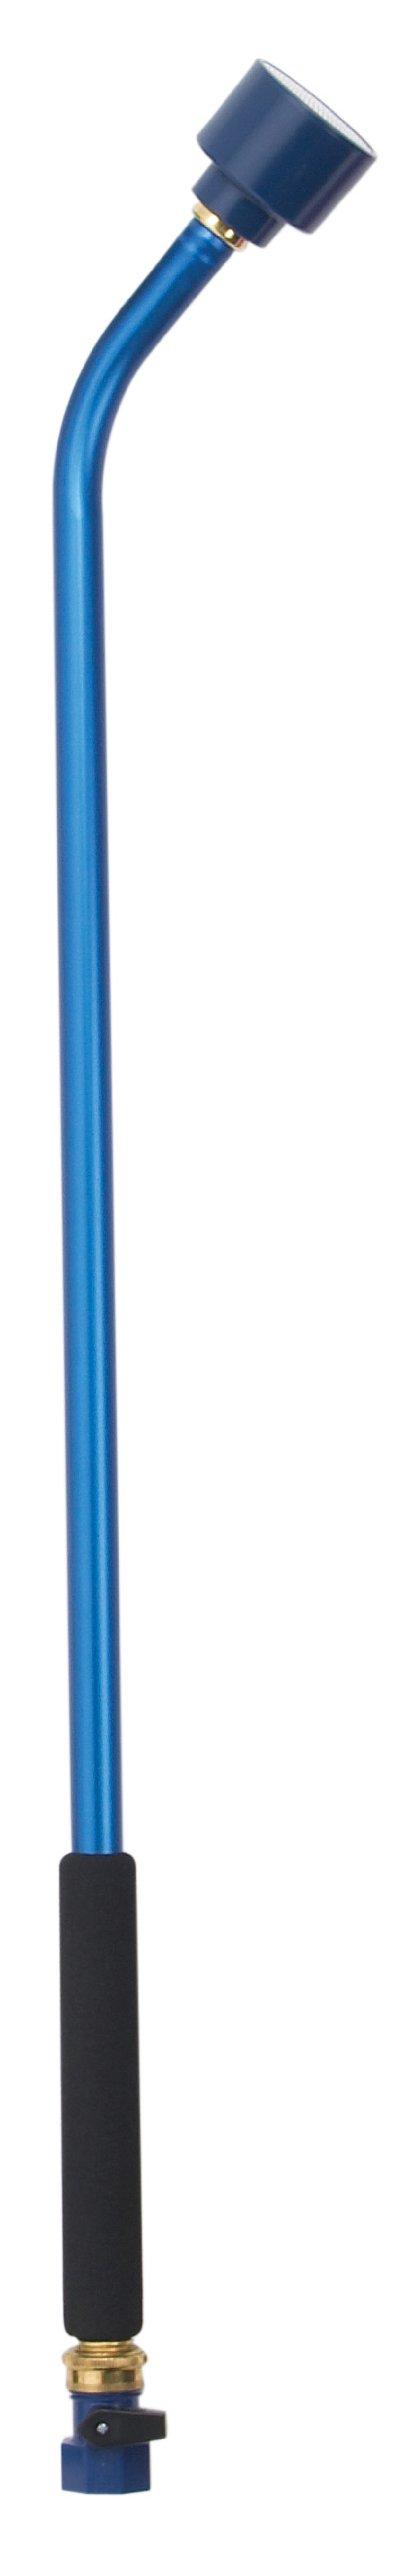 Dramm 12581 Sunrise Rain Wand 30-Inch Length with 8-Inch Foam Grip, Blue